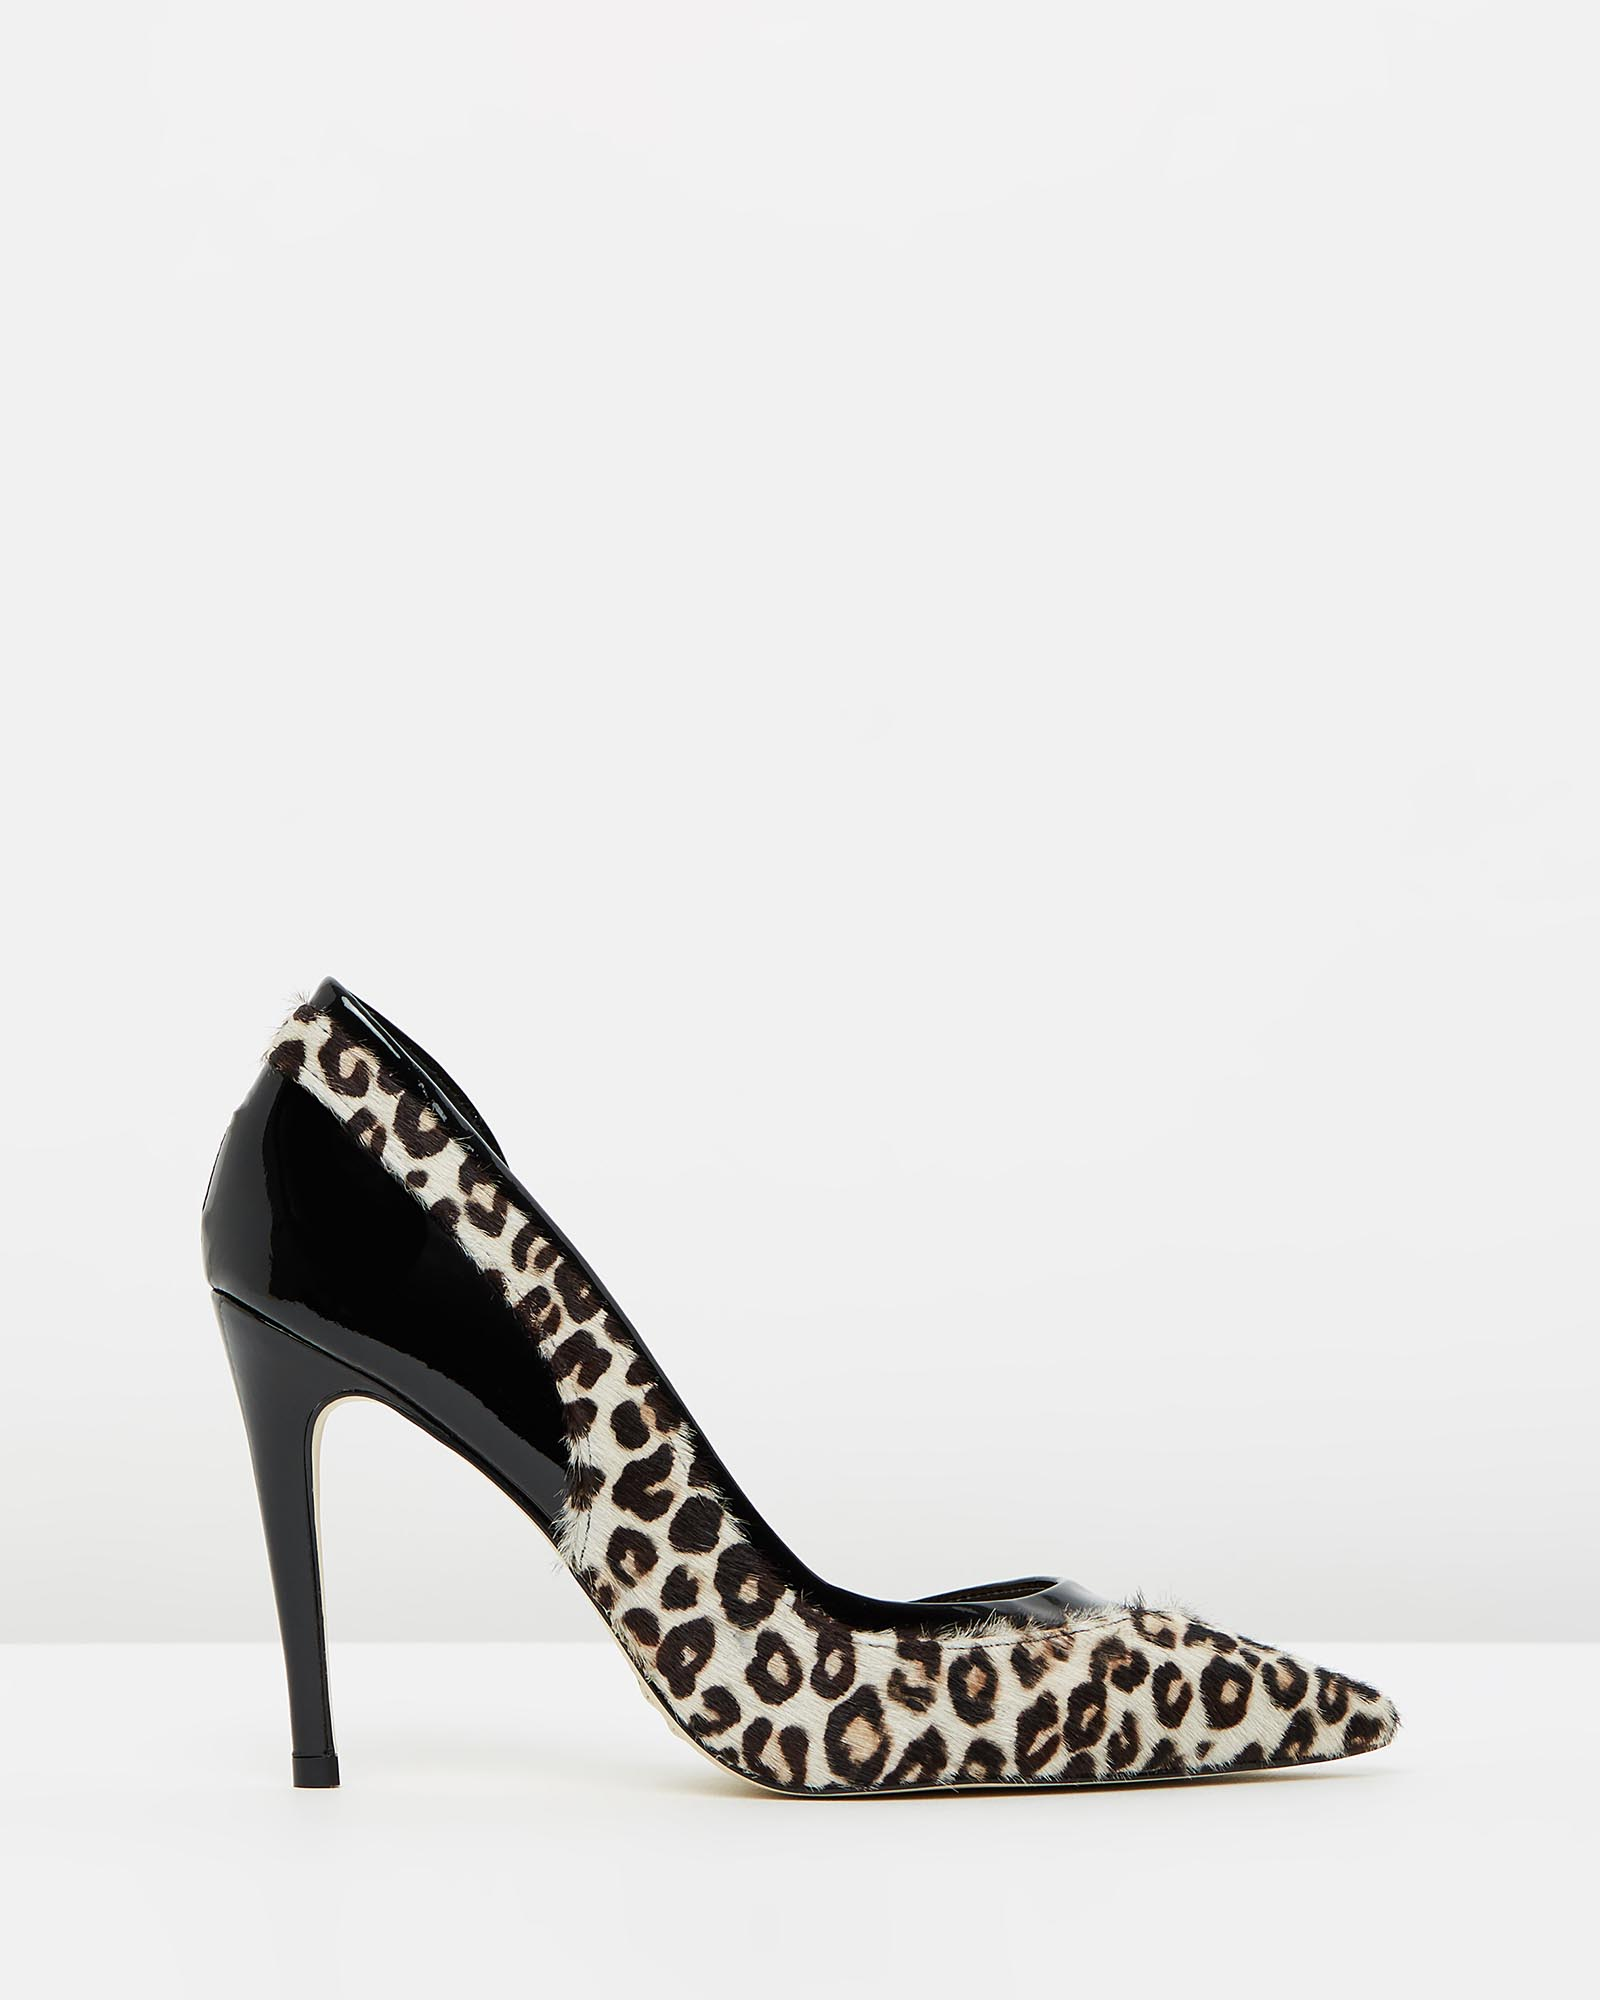 Lyn - Patent Black & Leopard Fur